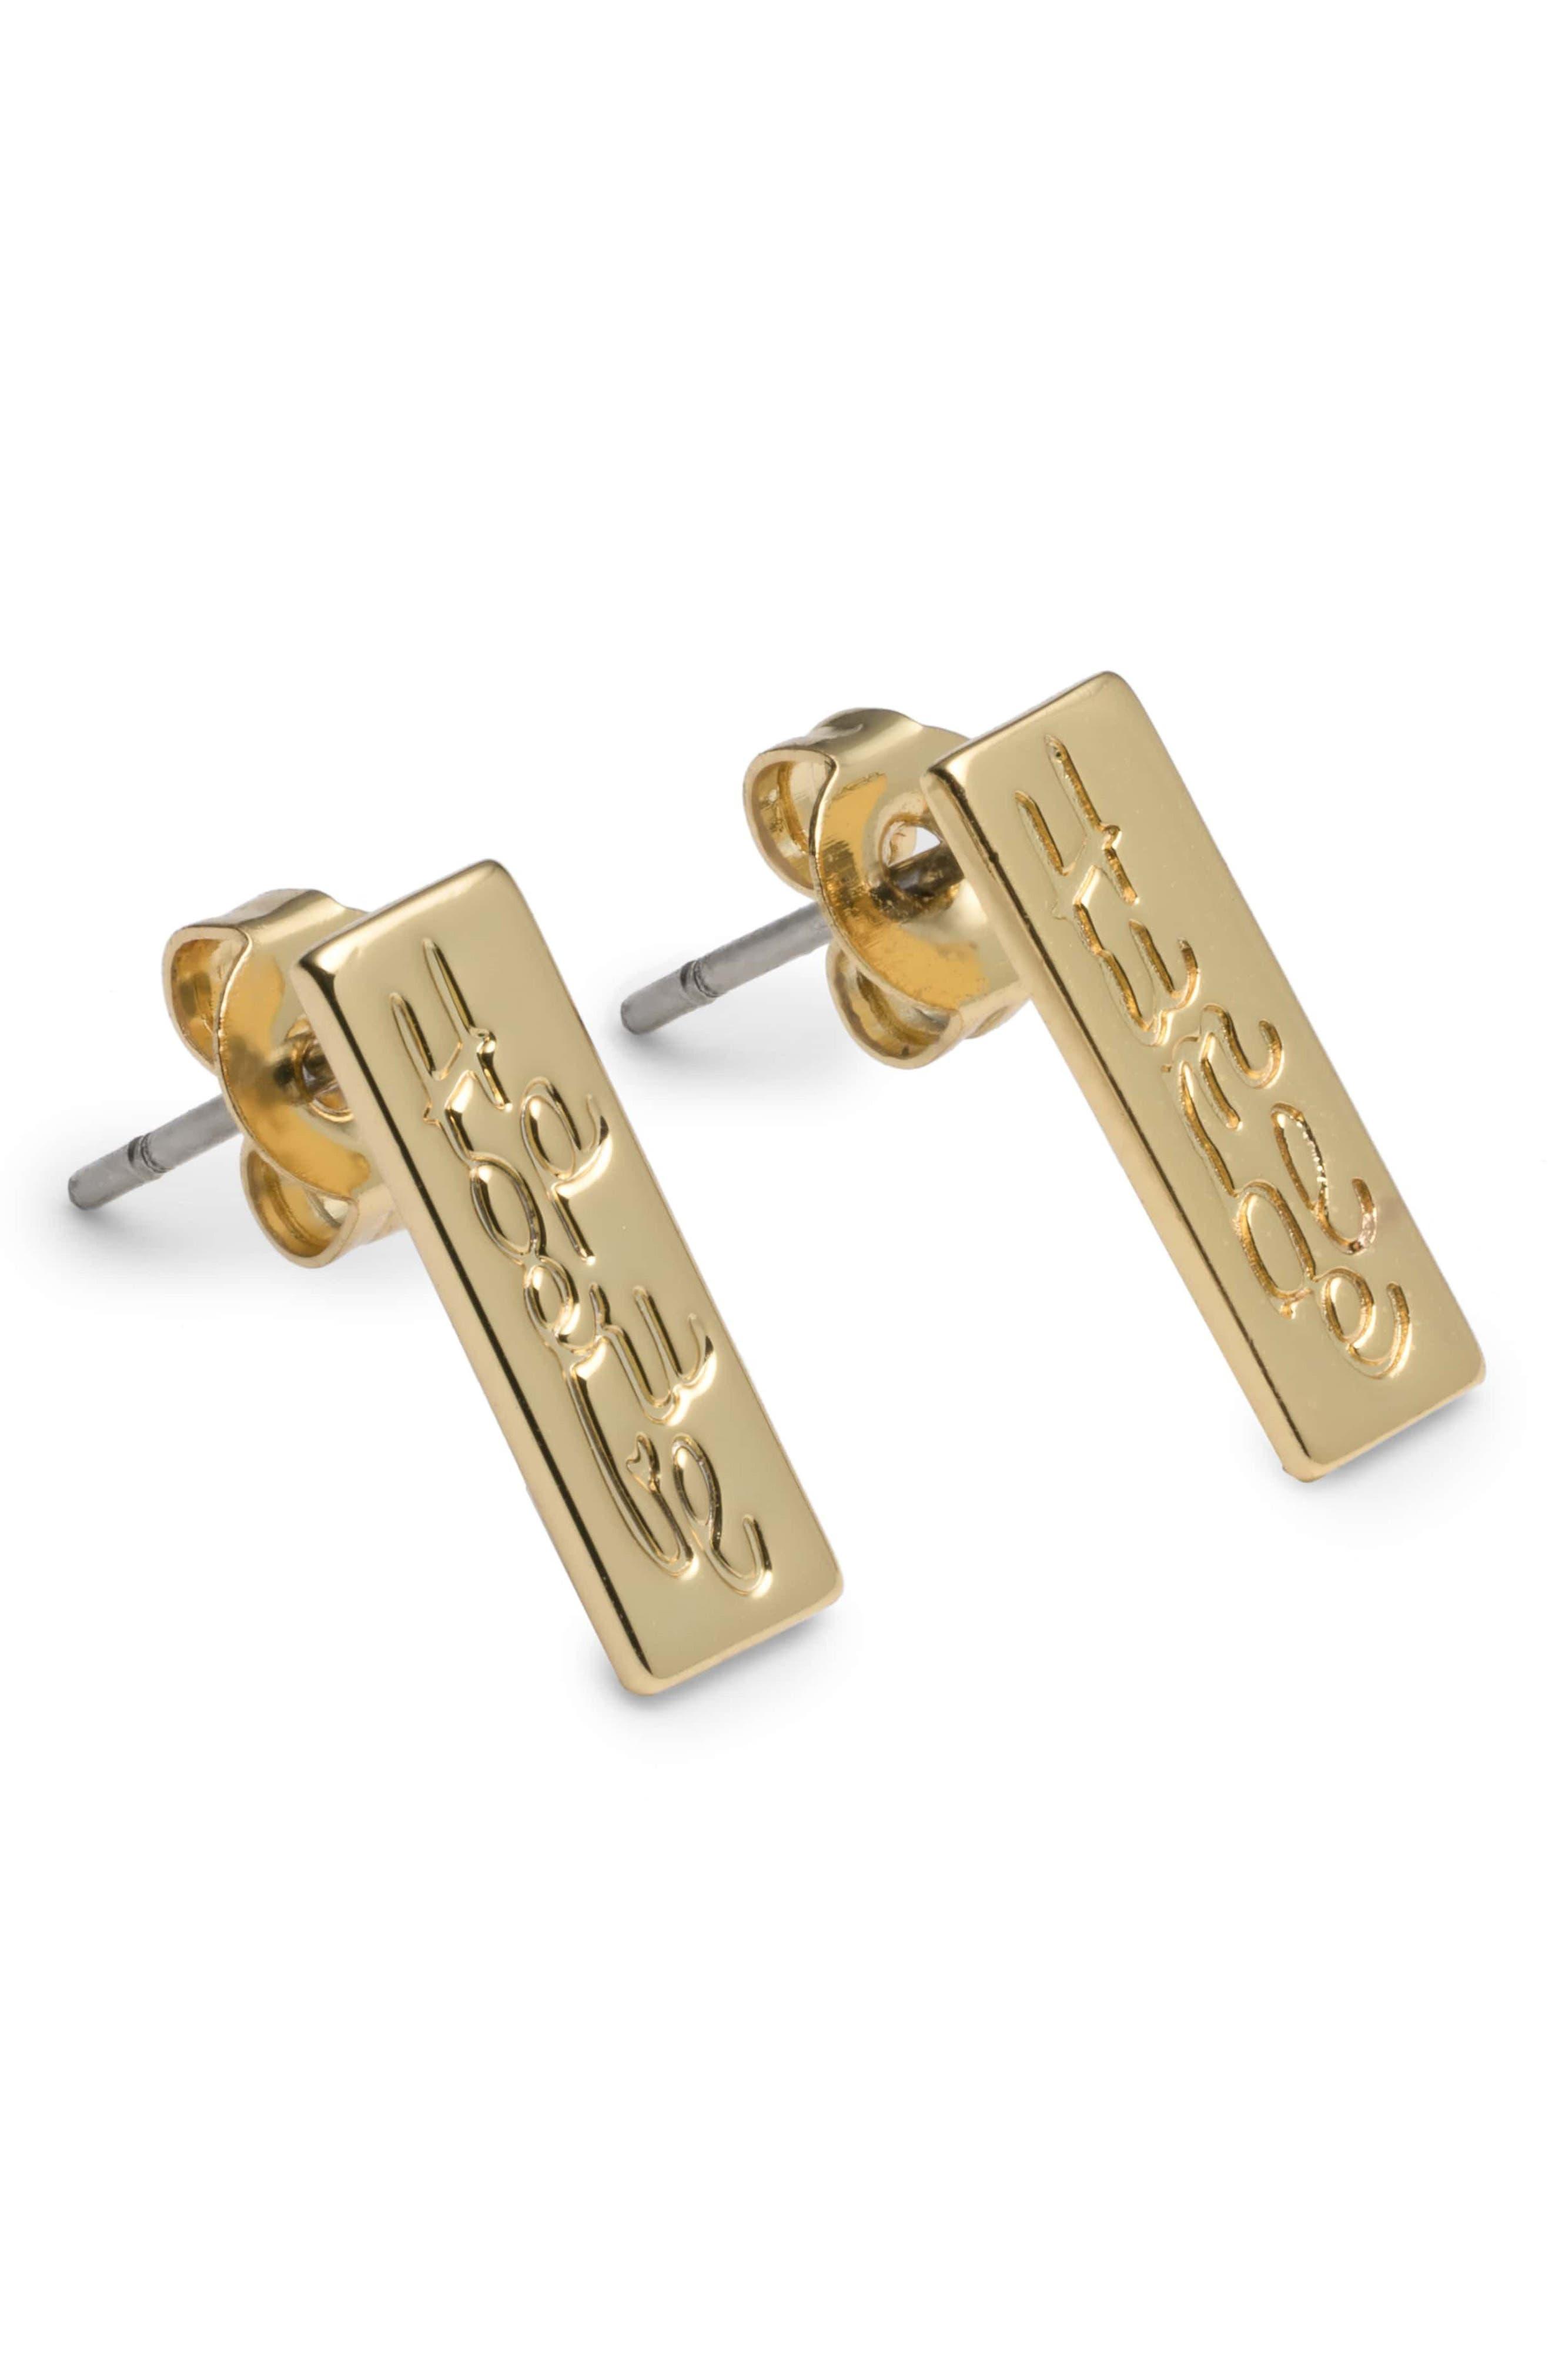 Humble/Hopeful Combo Earrings,                             Main thumbnail 1, color,                             Gold